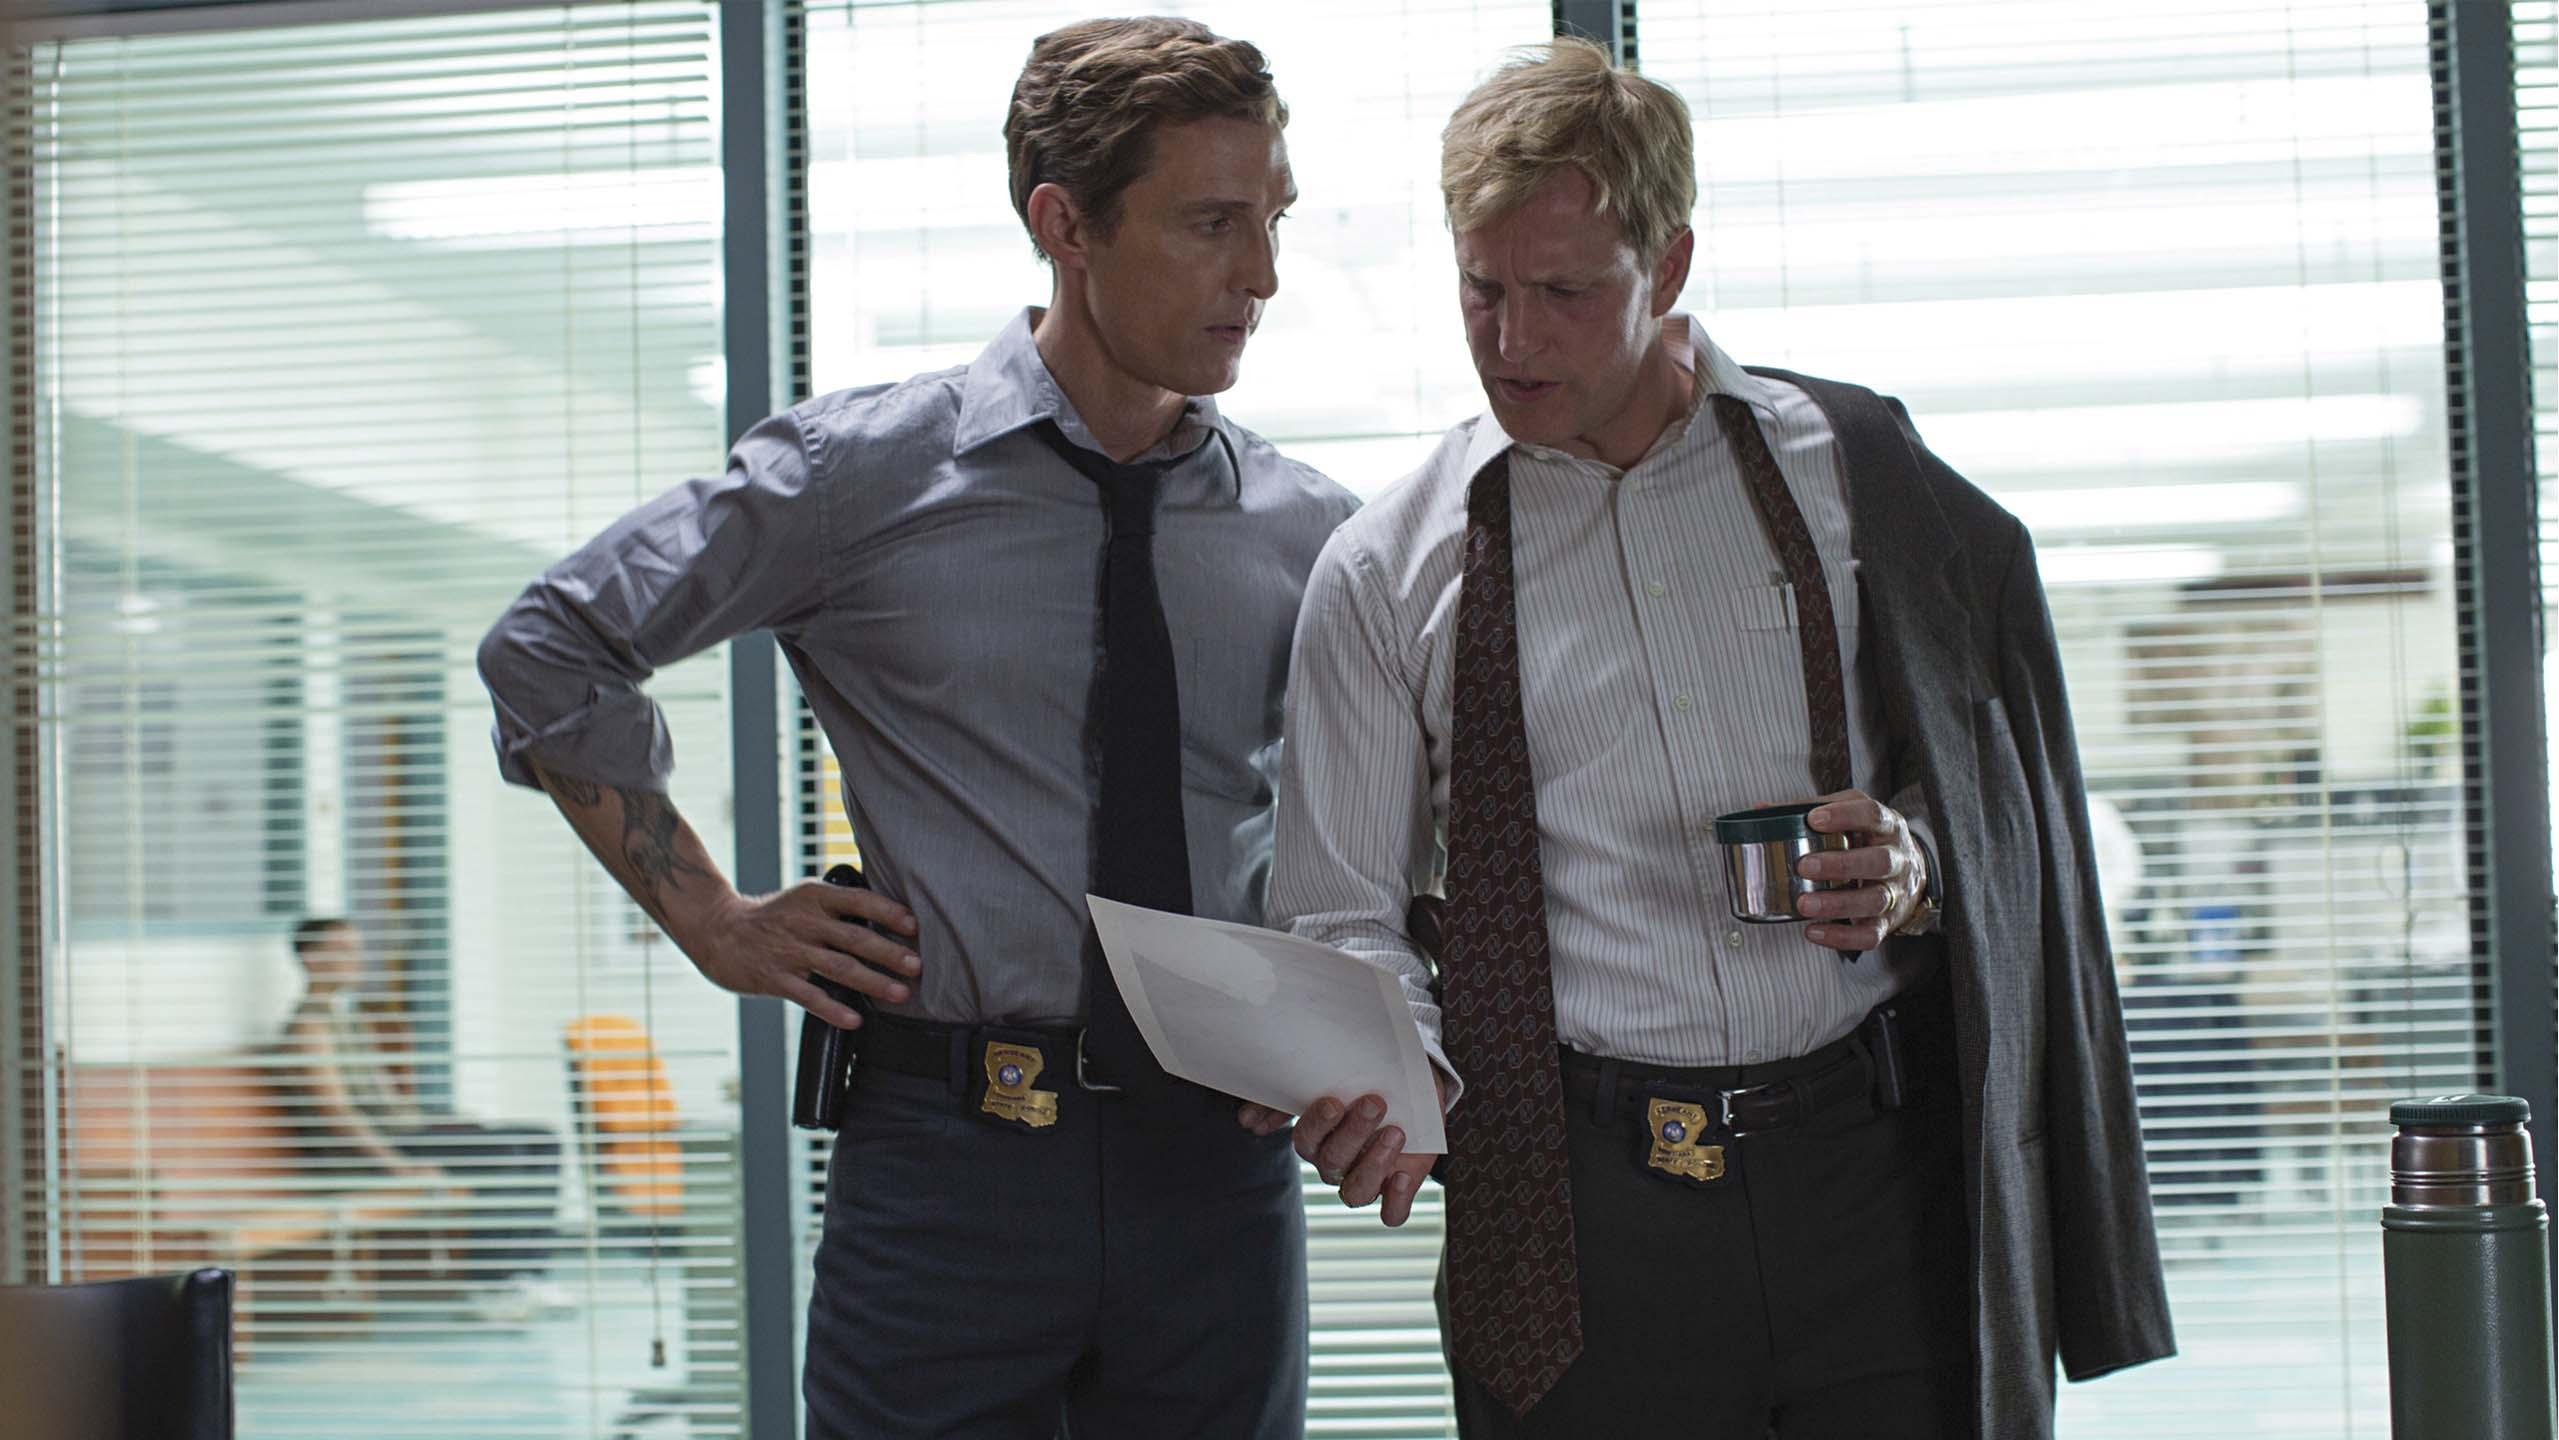 True DeteTrue Detective HBO Entertainmentctive HBO Entertainment